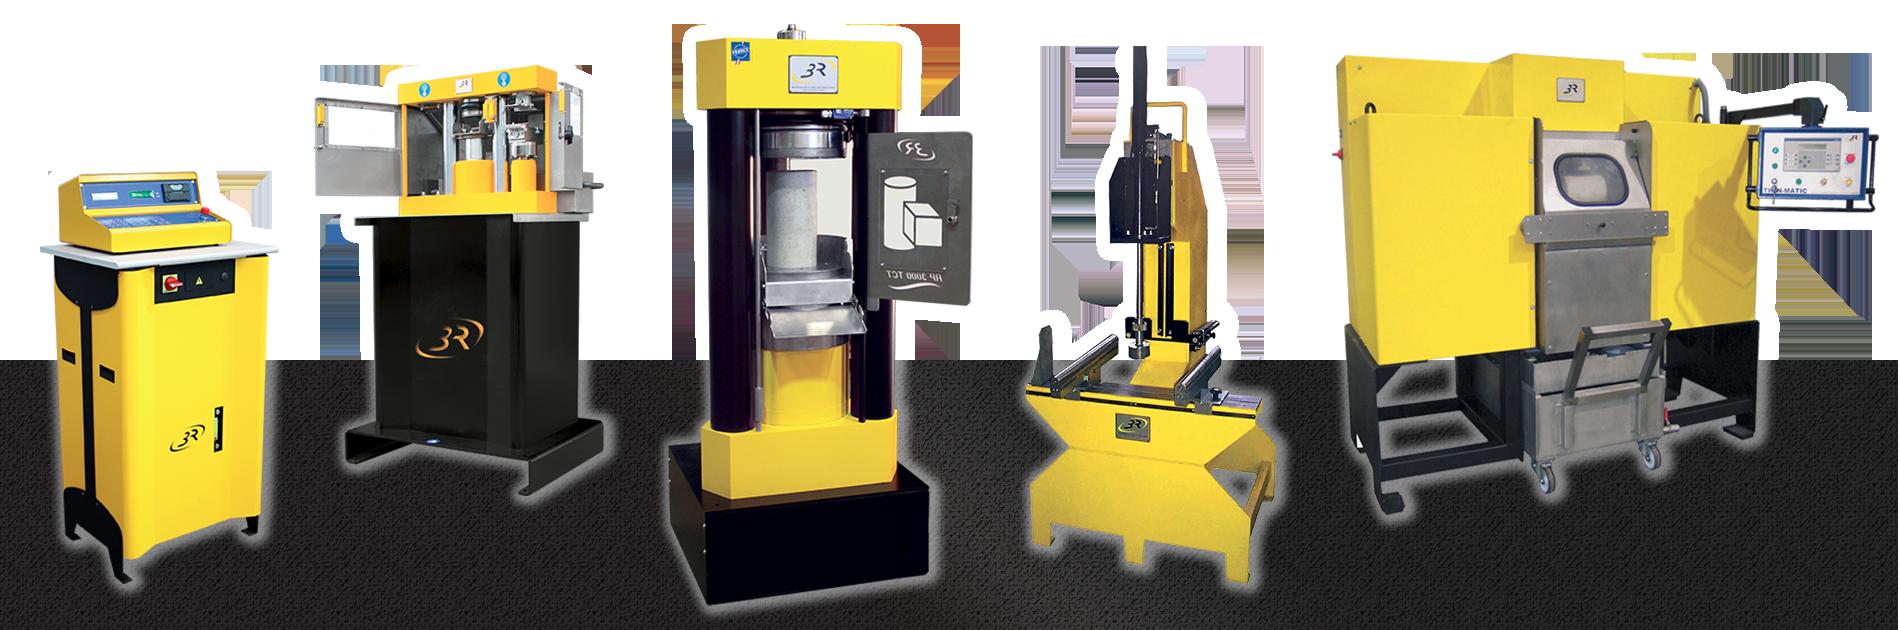 3R machines d'essais sur matériaux